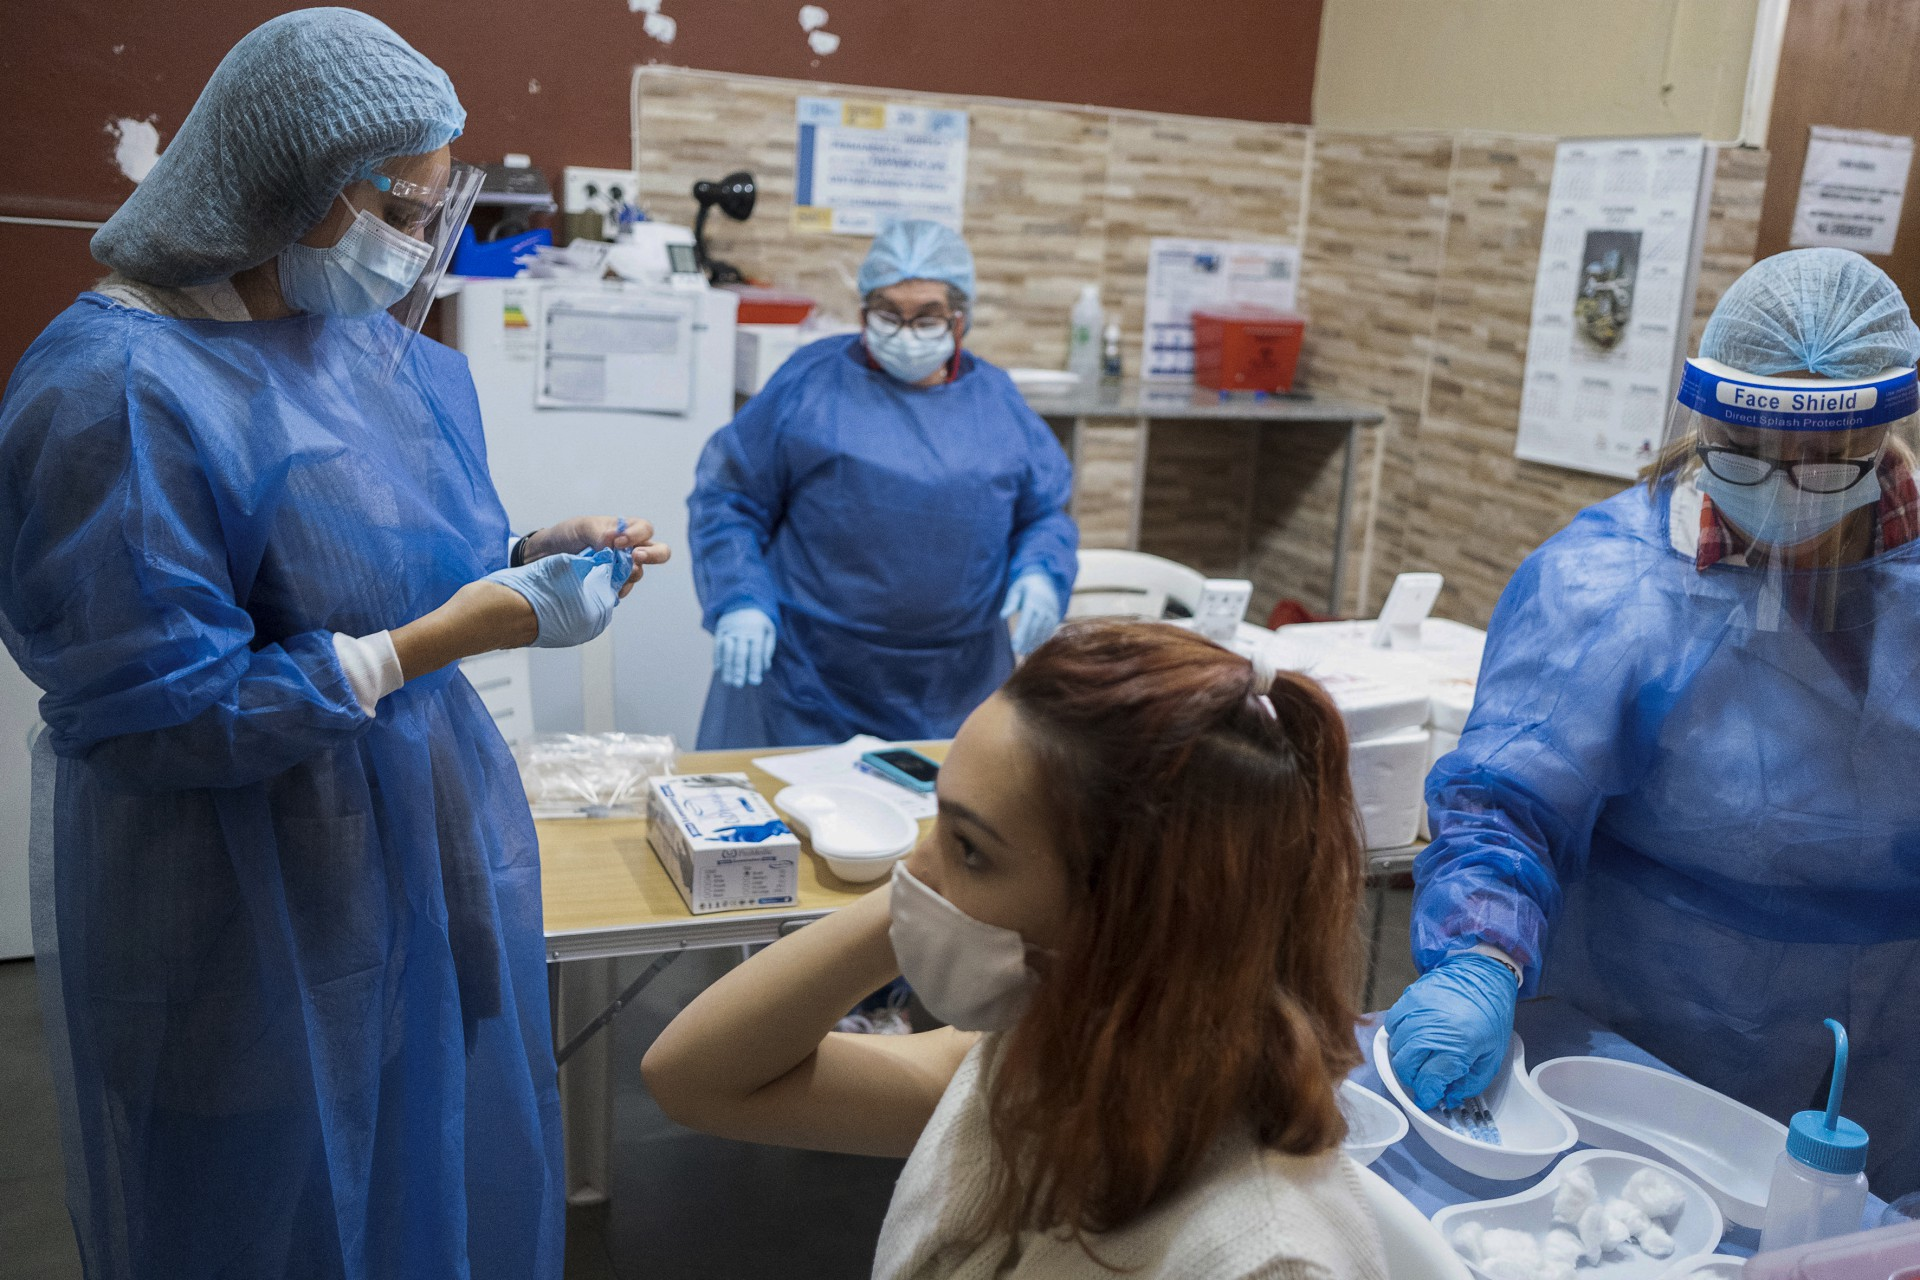 adolescente enquanto espera receber a primeira dose da vacina Pfitzer BioNTech contra COVID-19 em Montevidéu em 9 de junho de 2021. - Uruguai começou a vacinar menores de 12 a 17 anos contra COVID-19 na quarta-feira. (Foto de Pablo VIGNALI / adhoc / AFP)